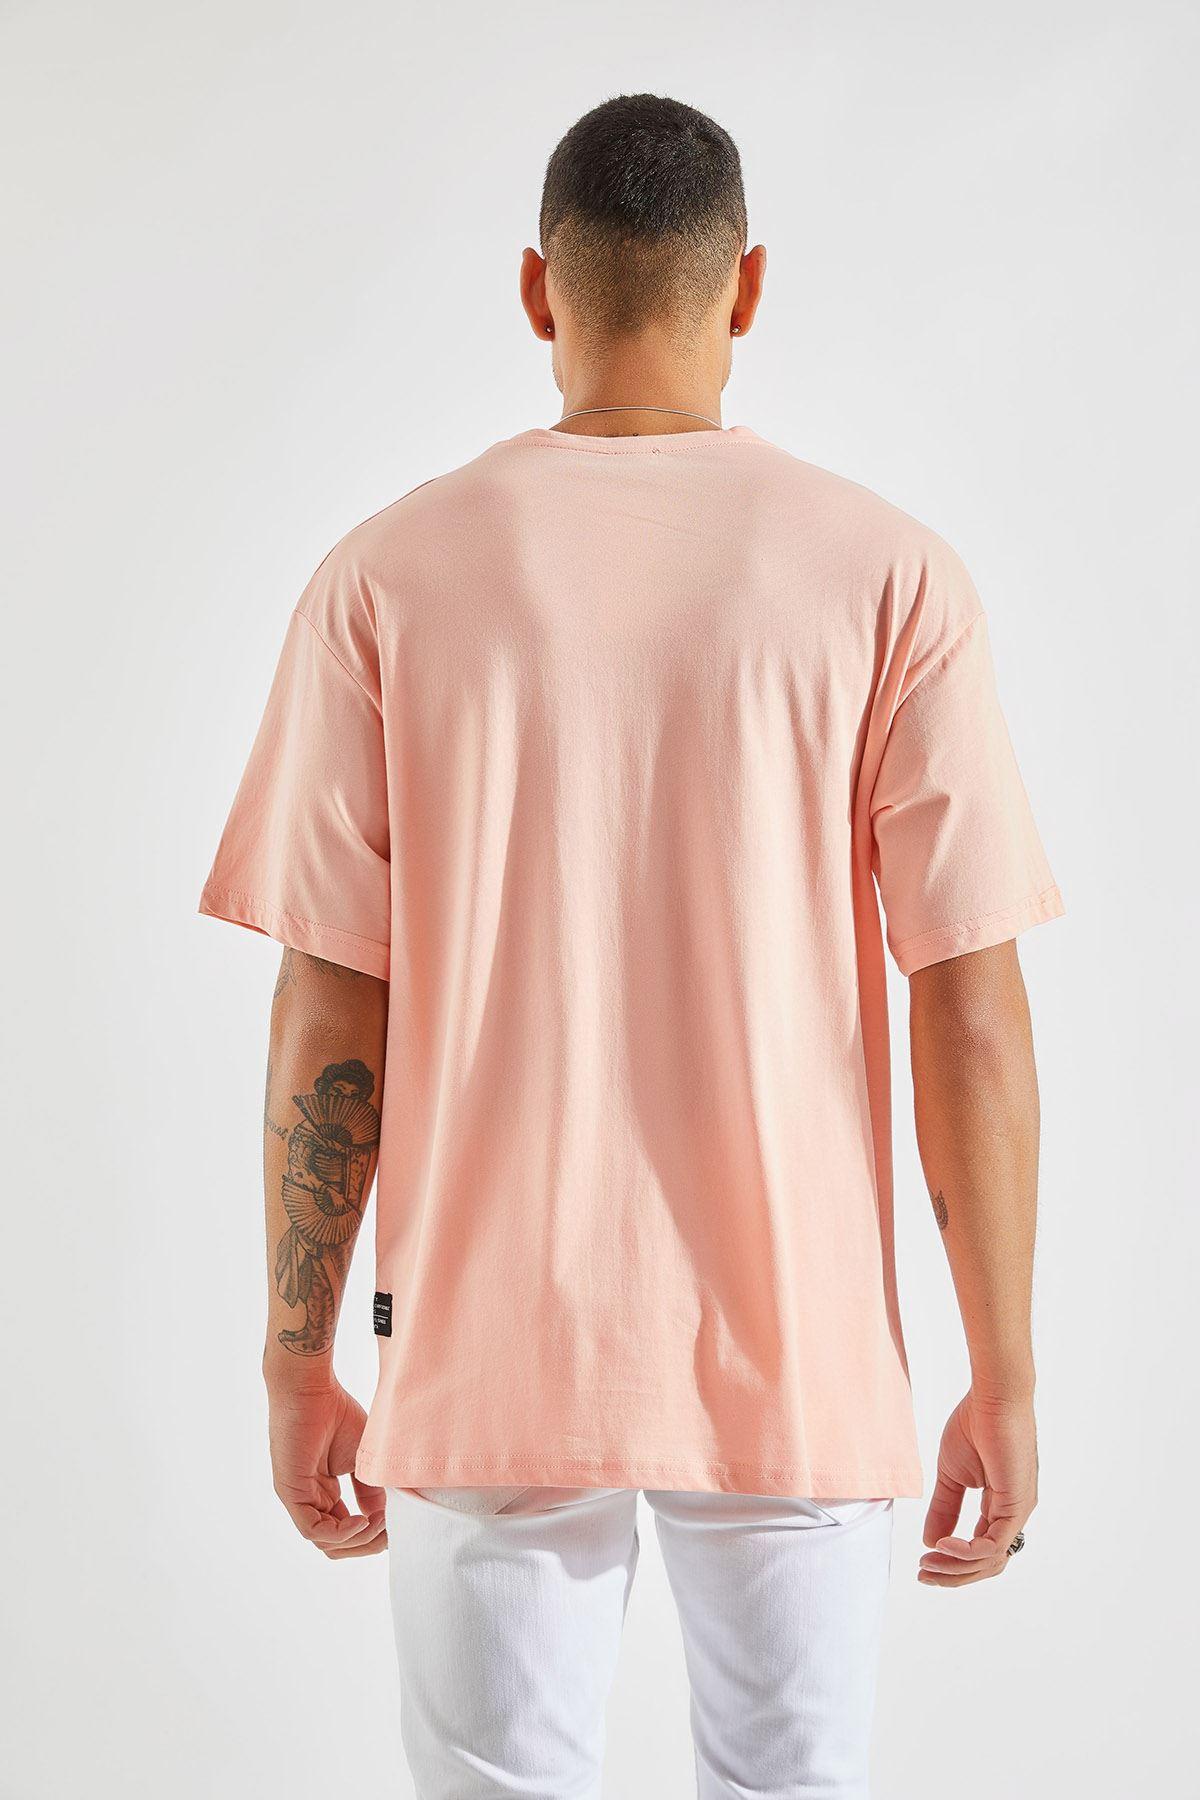 Erkek Oversize Somon Tişört